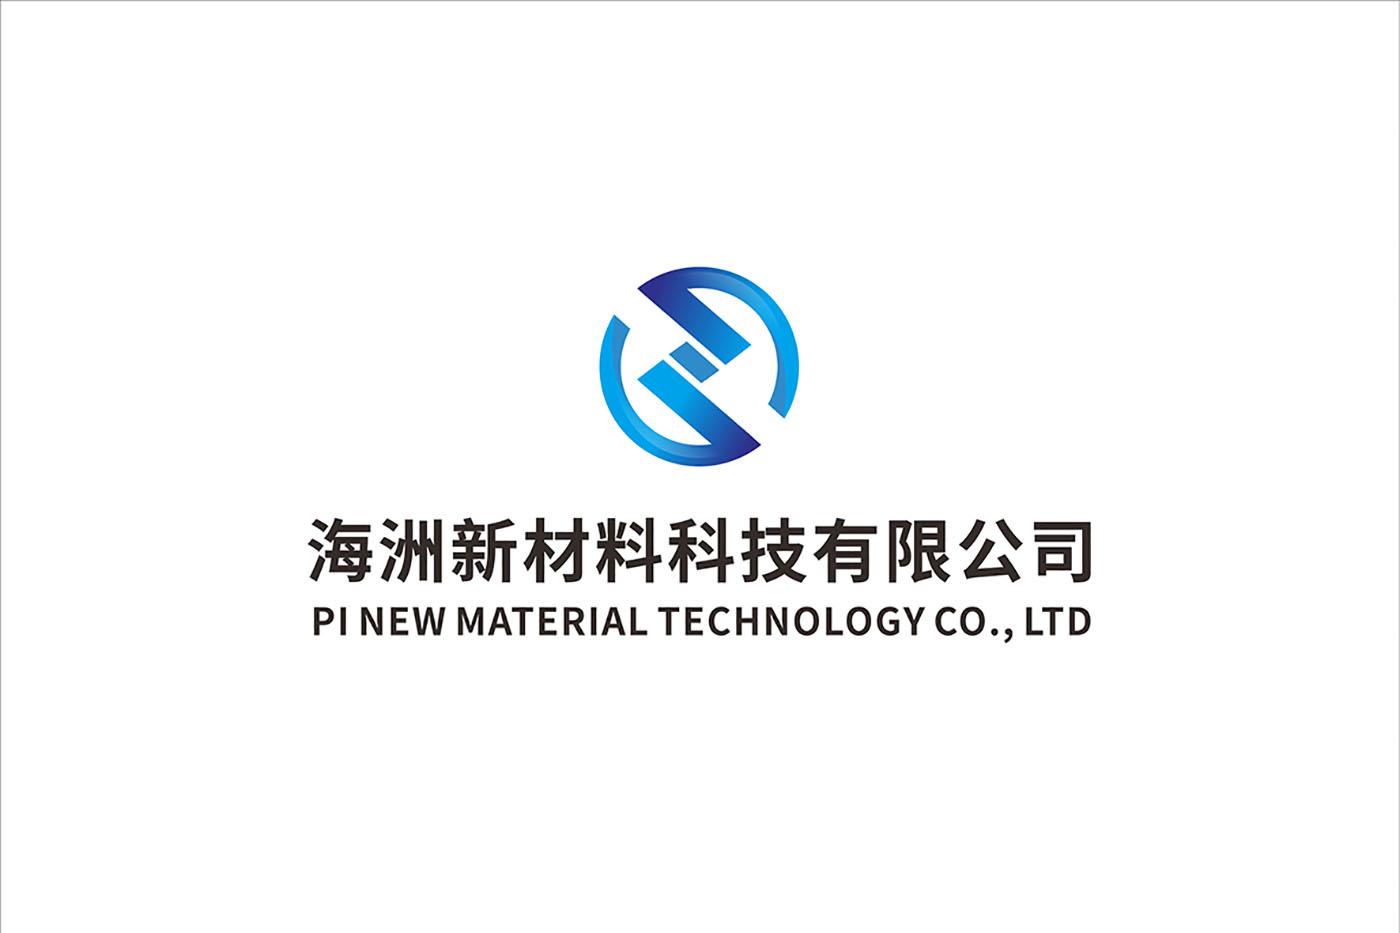 海洲新材料科技有限公司高端LOGO设计-科技LOGO设计公司